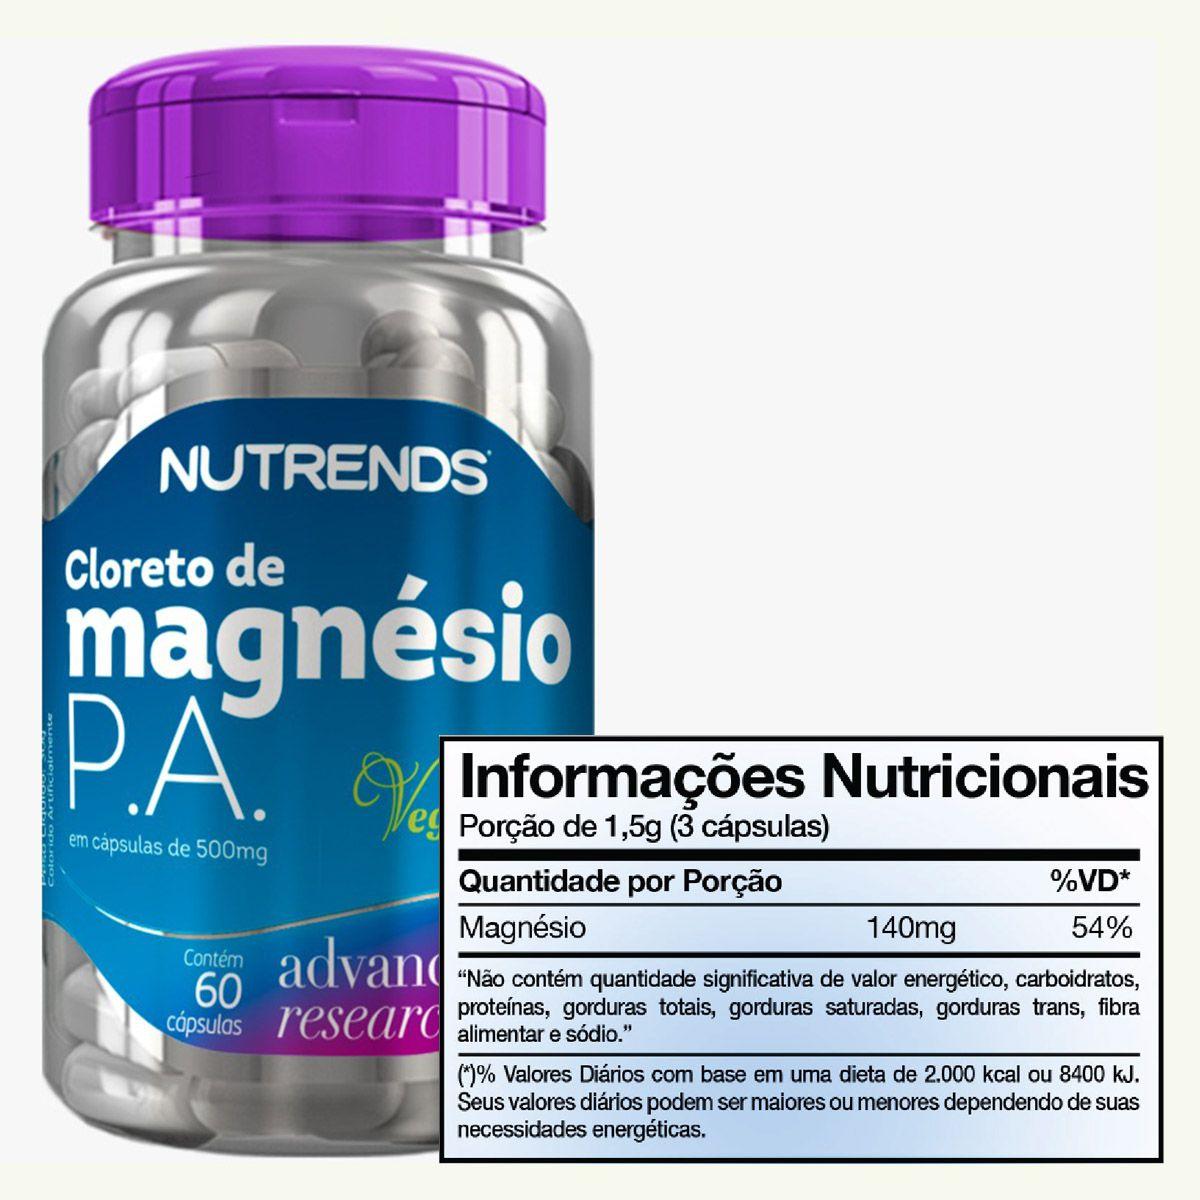 Cloreto de Magnésio P.A 500mg 60 cápsulas - Nutrends